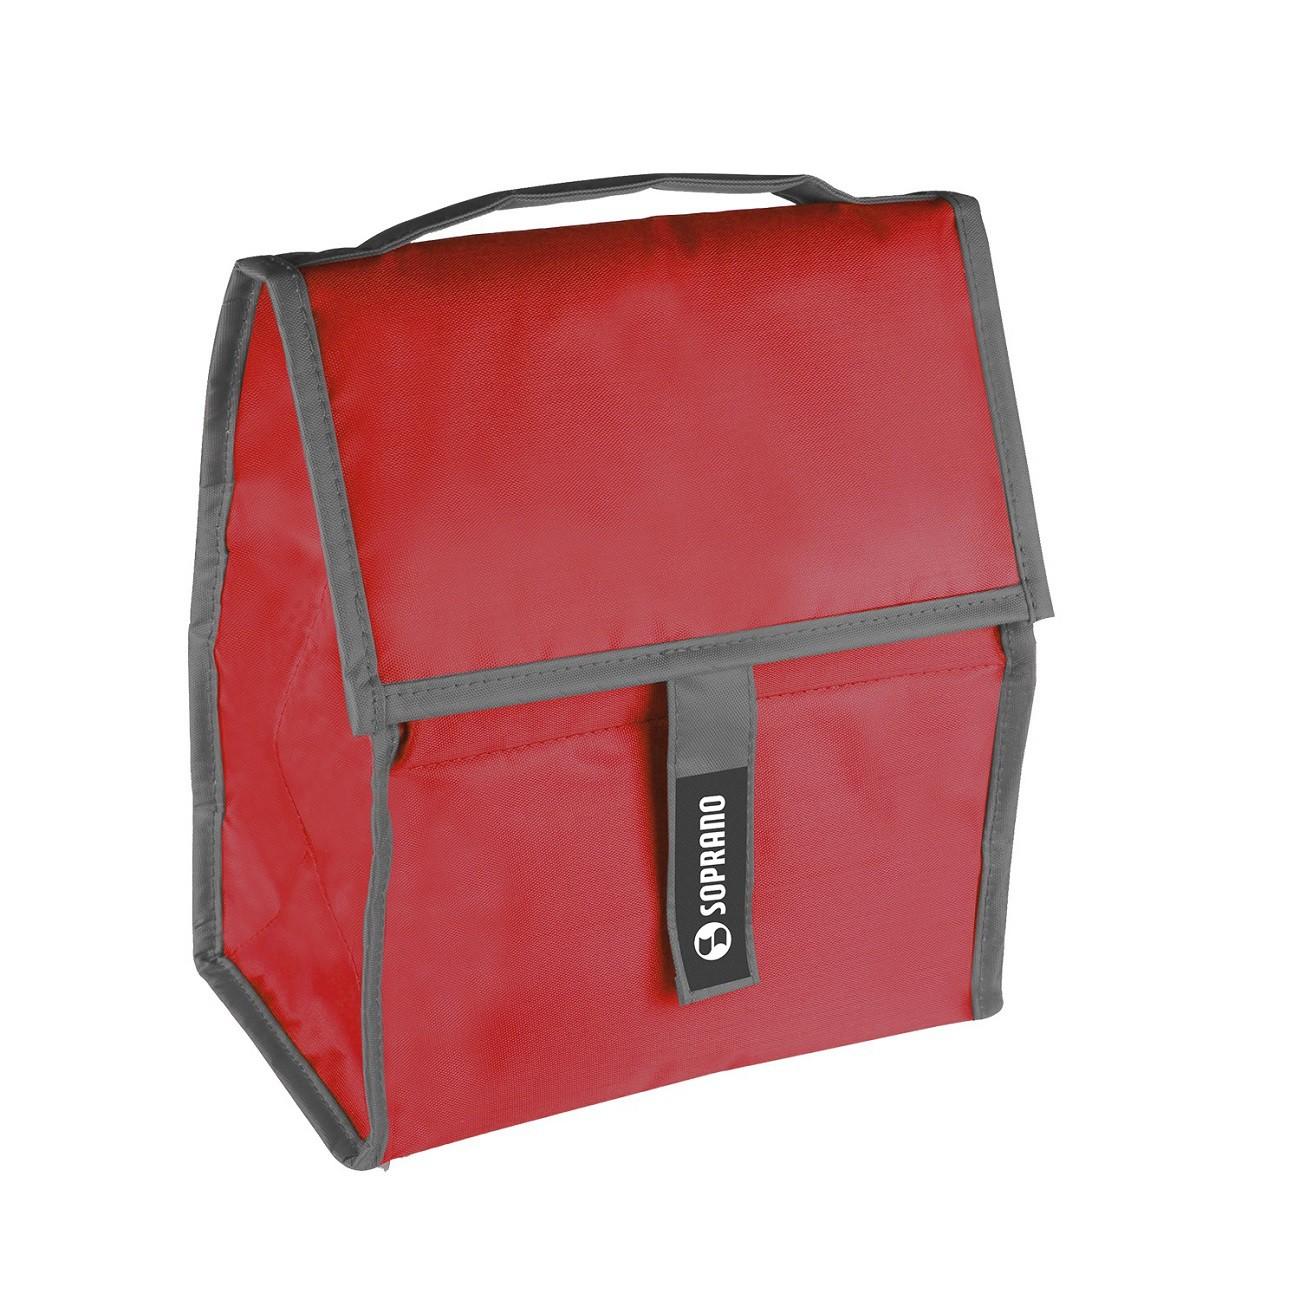 Cooler Bolsa Térmica Dobrável 5 Litros Com Gel Vermelho